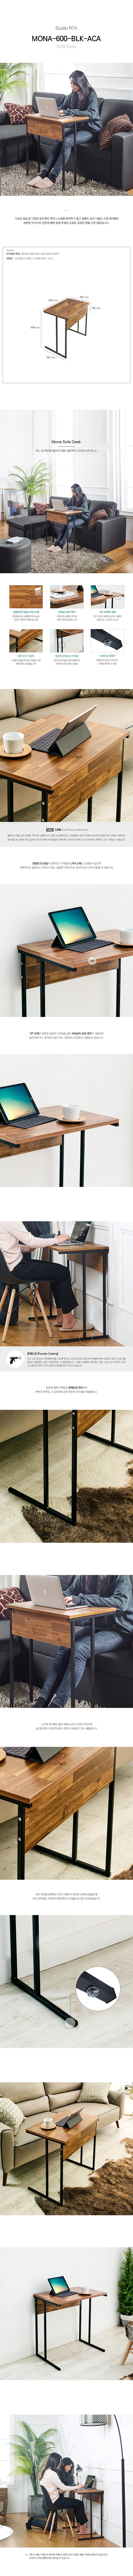 Mona-600-Black-Sofa-Desk_180905.jpg